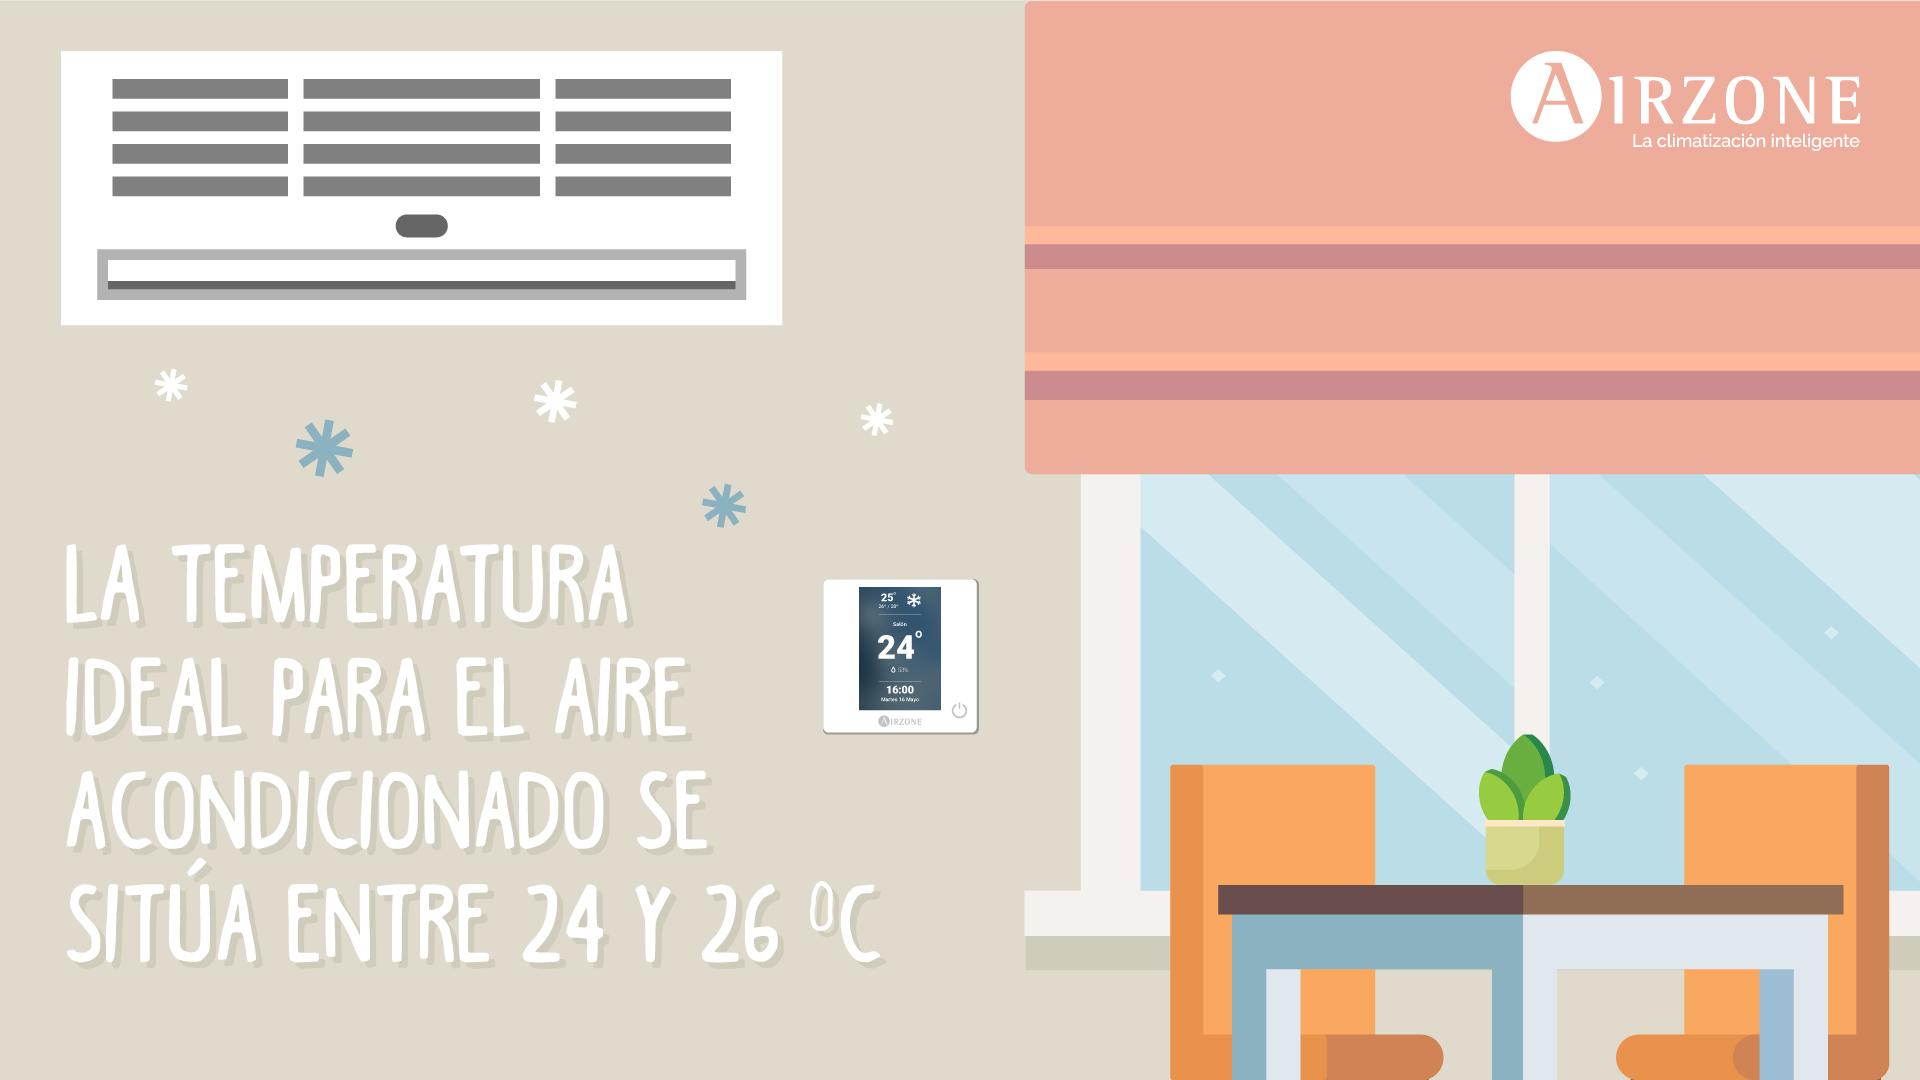 Humedad relativa en casa trendy humedad relativa alta o - Humedad relativa ideal ...